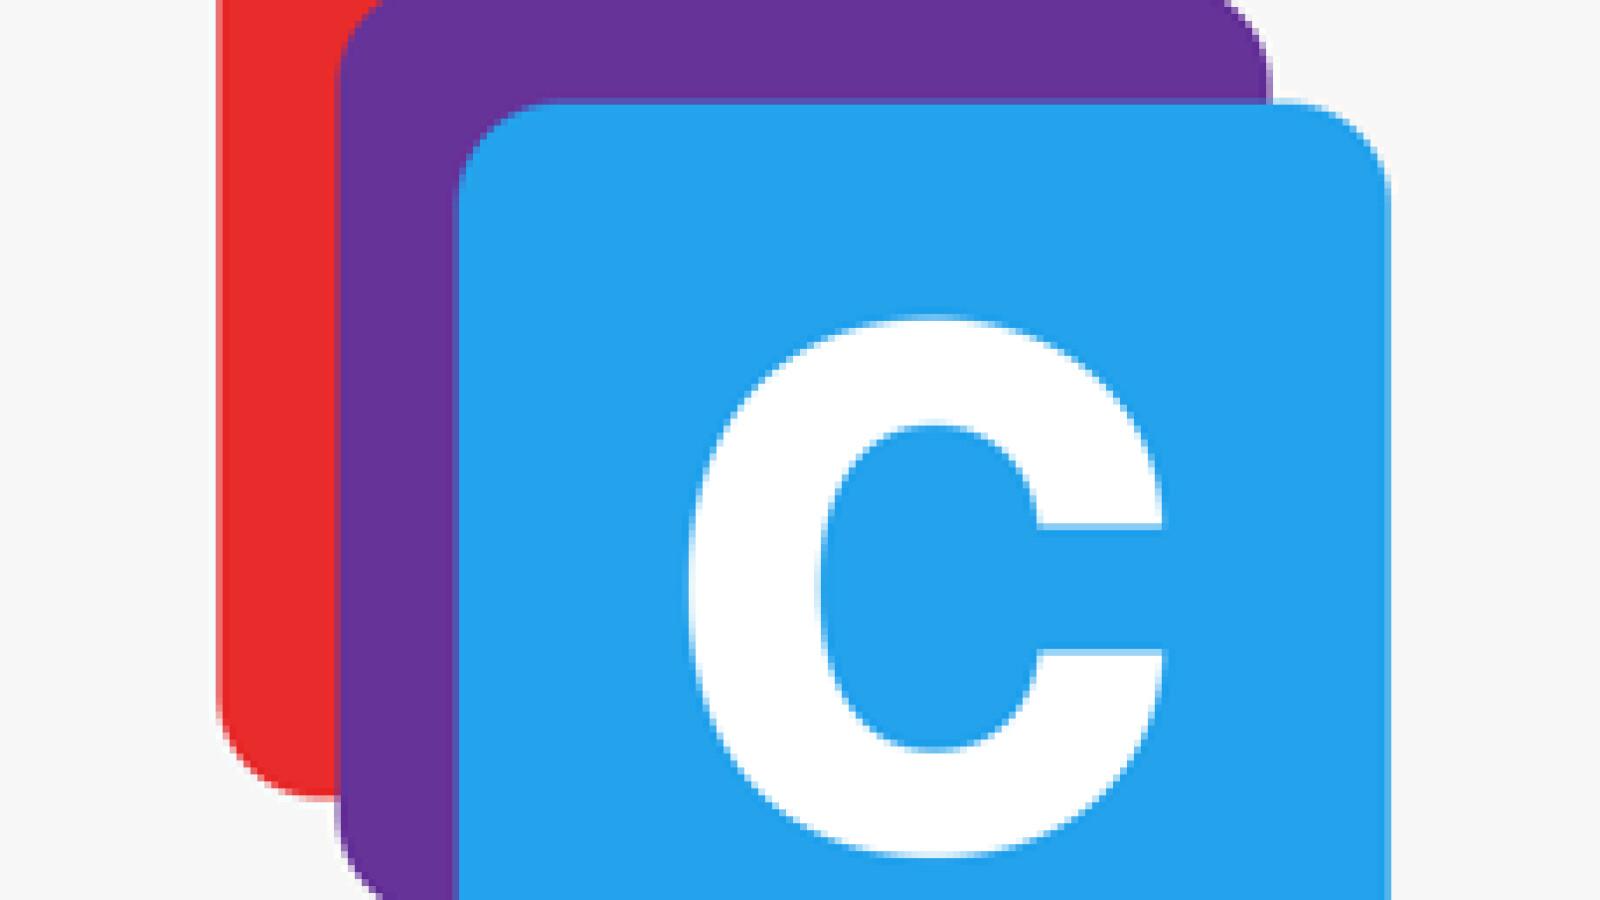 Lieber Cinder statt Tinder: Handy-Adressbuch in Swipe-Manier aufräumen